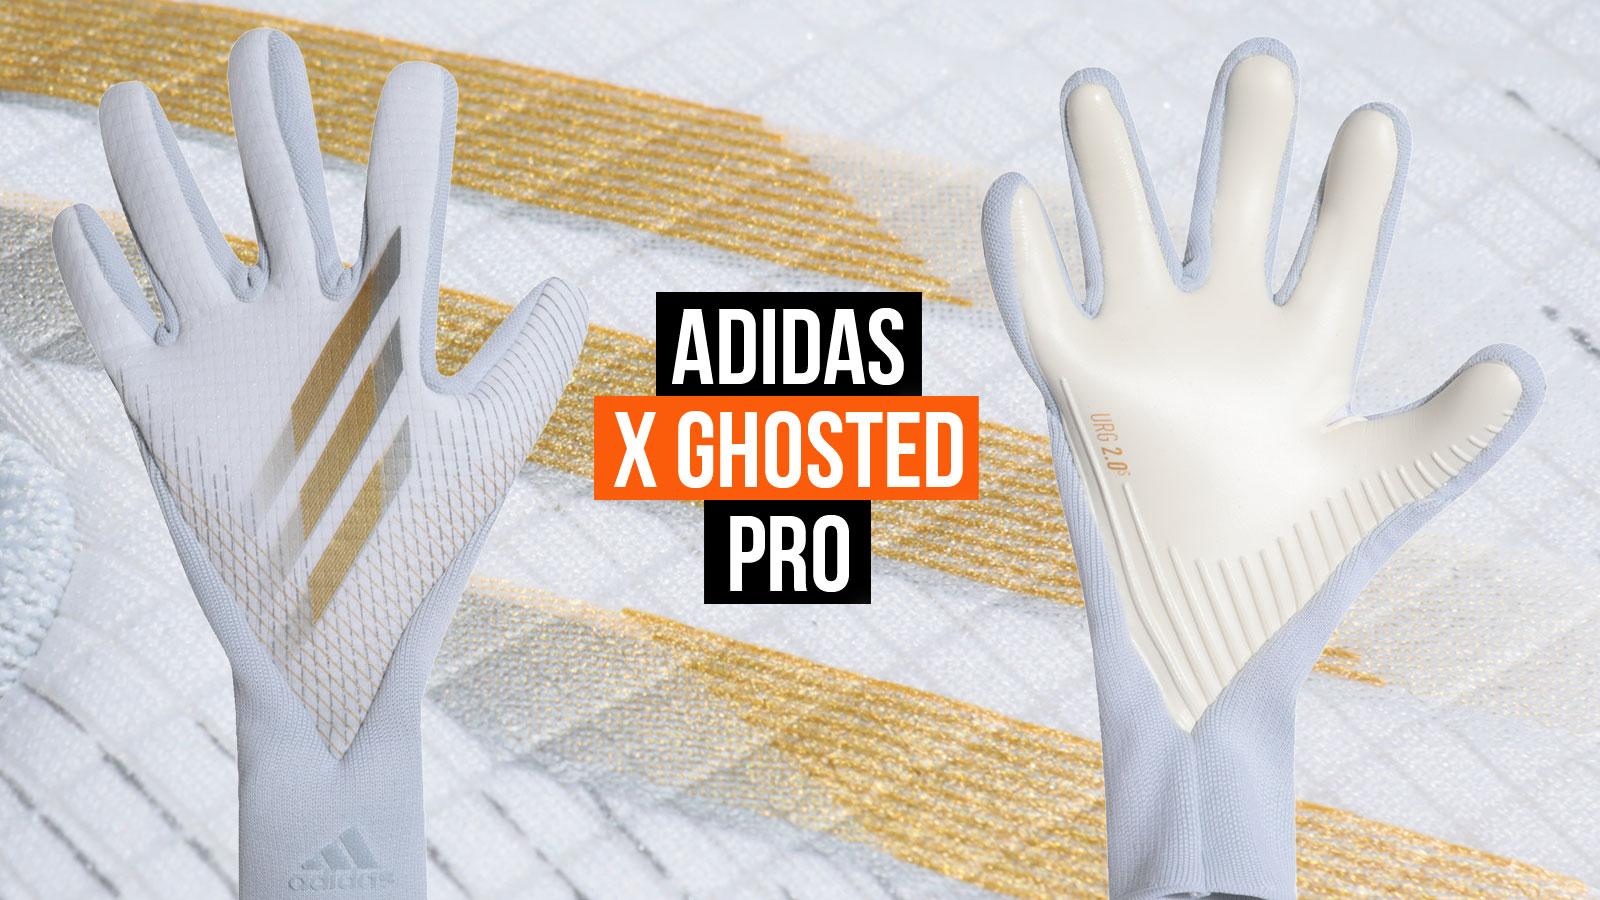 Die adidas X Ghosted Pro Torwarthandschuhe mit URG 2.0